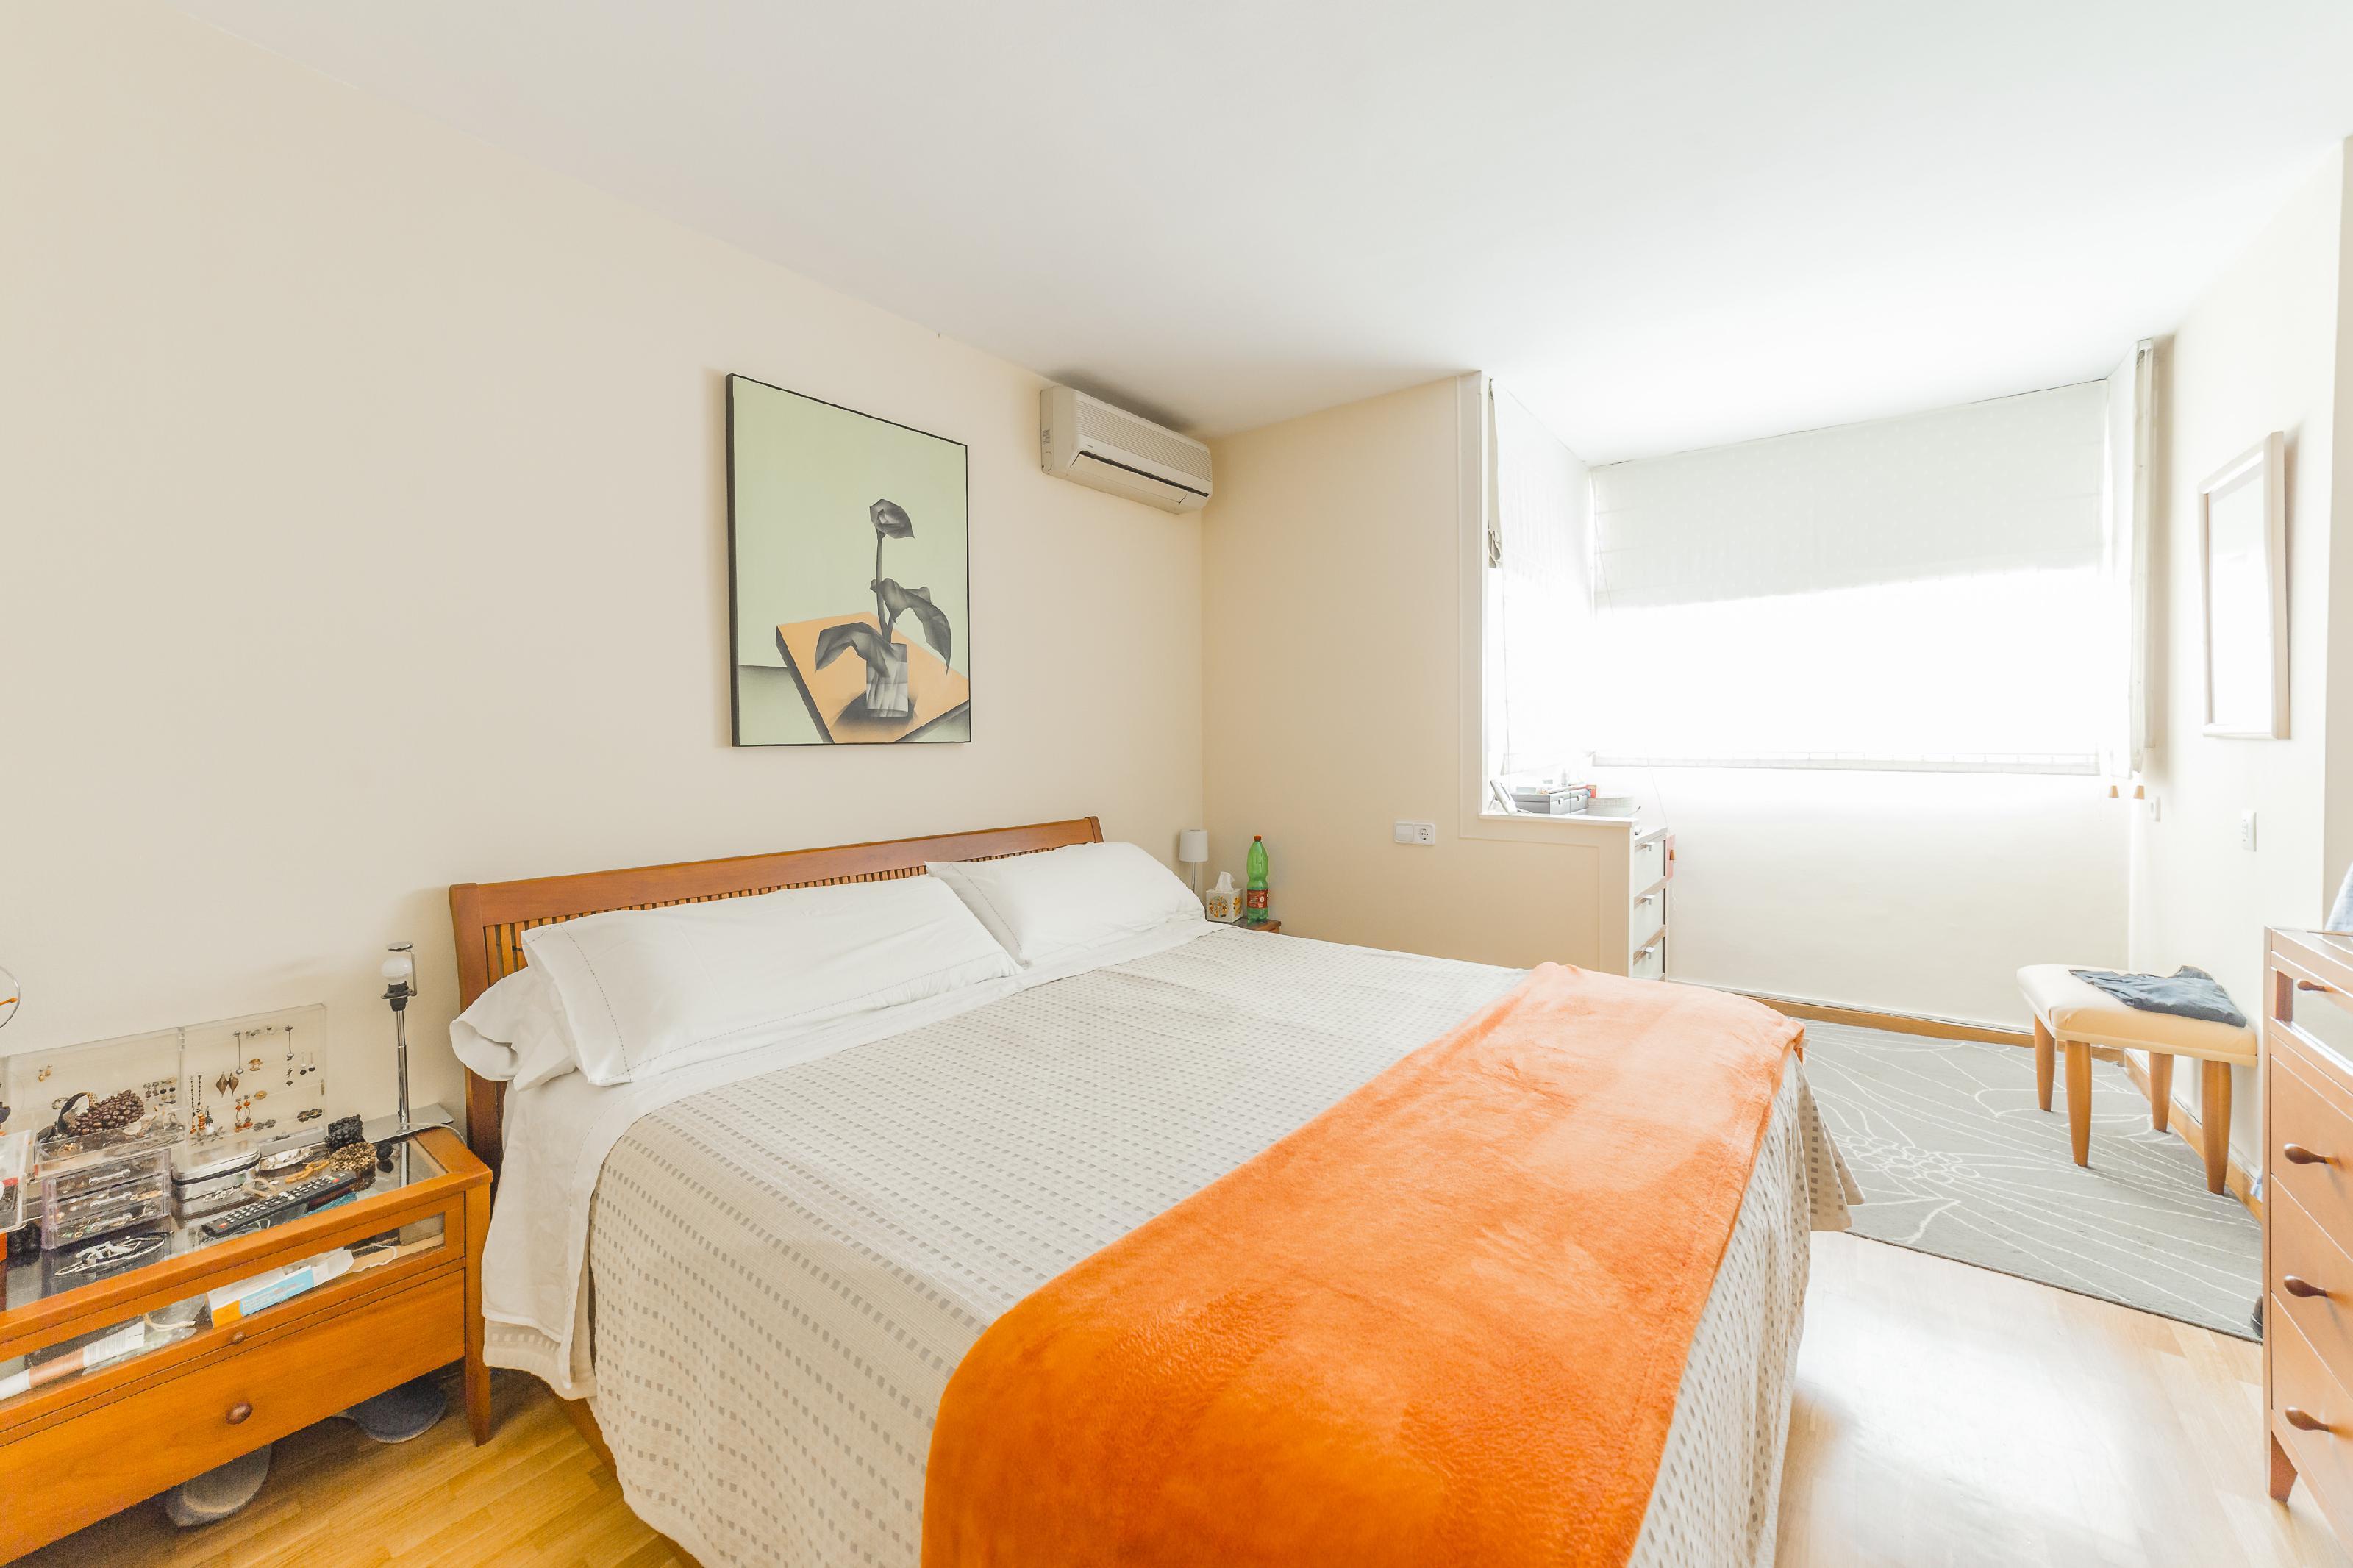 246685 Flat for sale in Horta-Guinardó, Font d´en Fargues 3